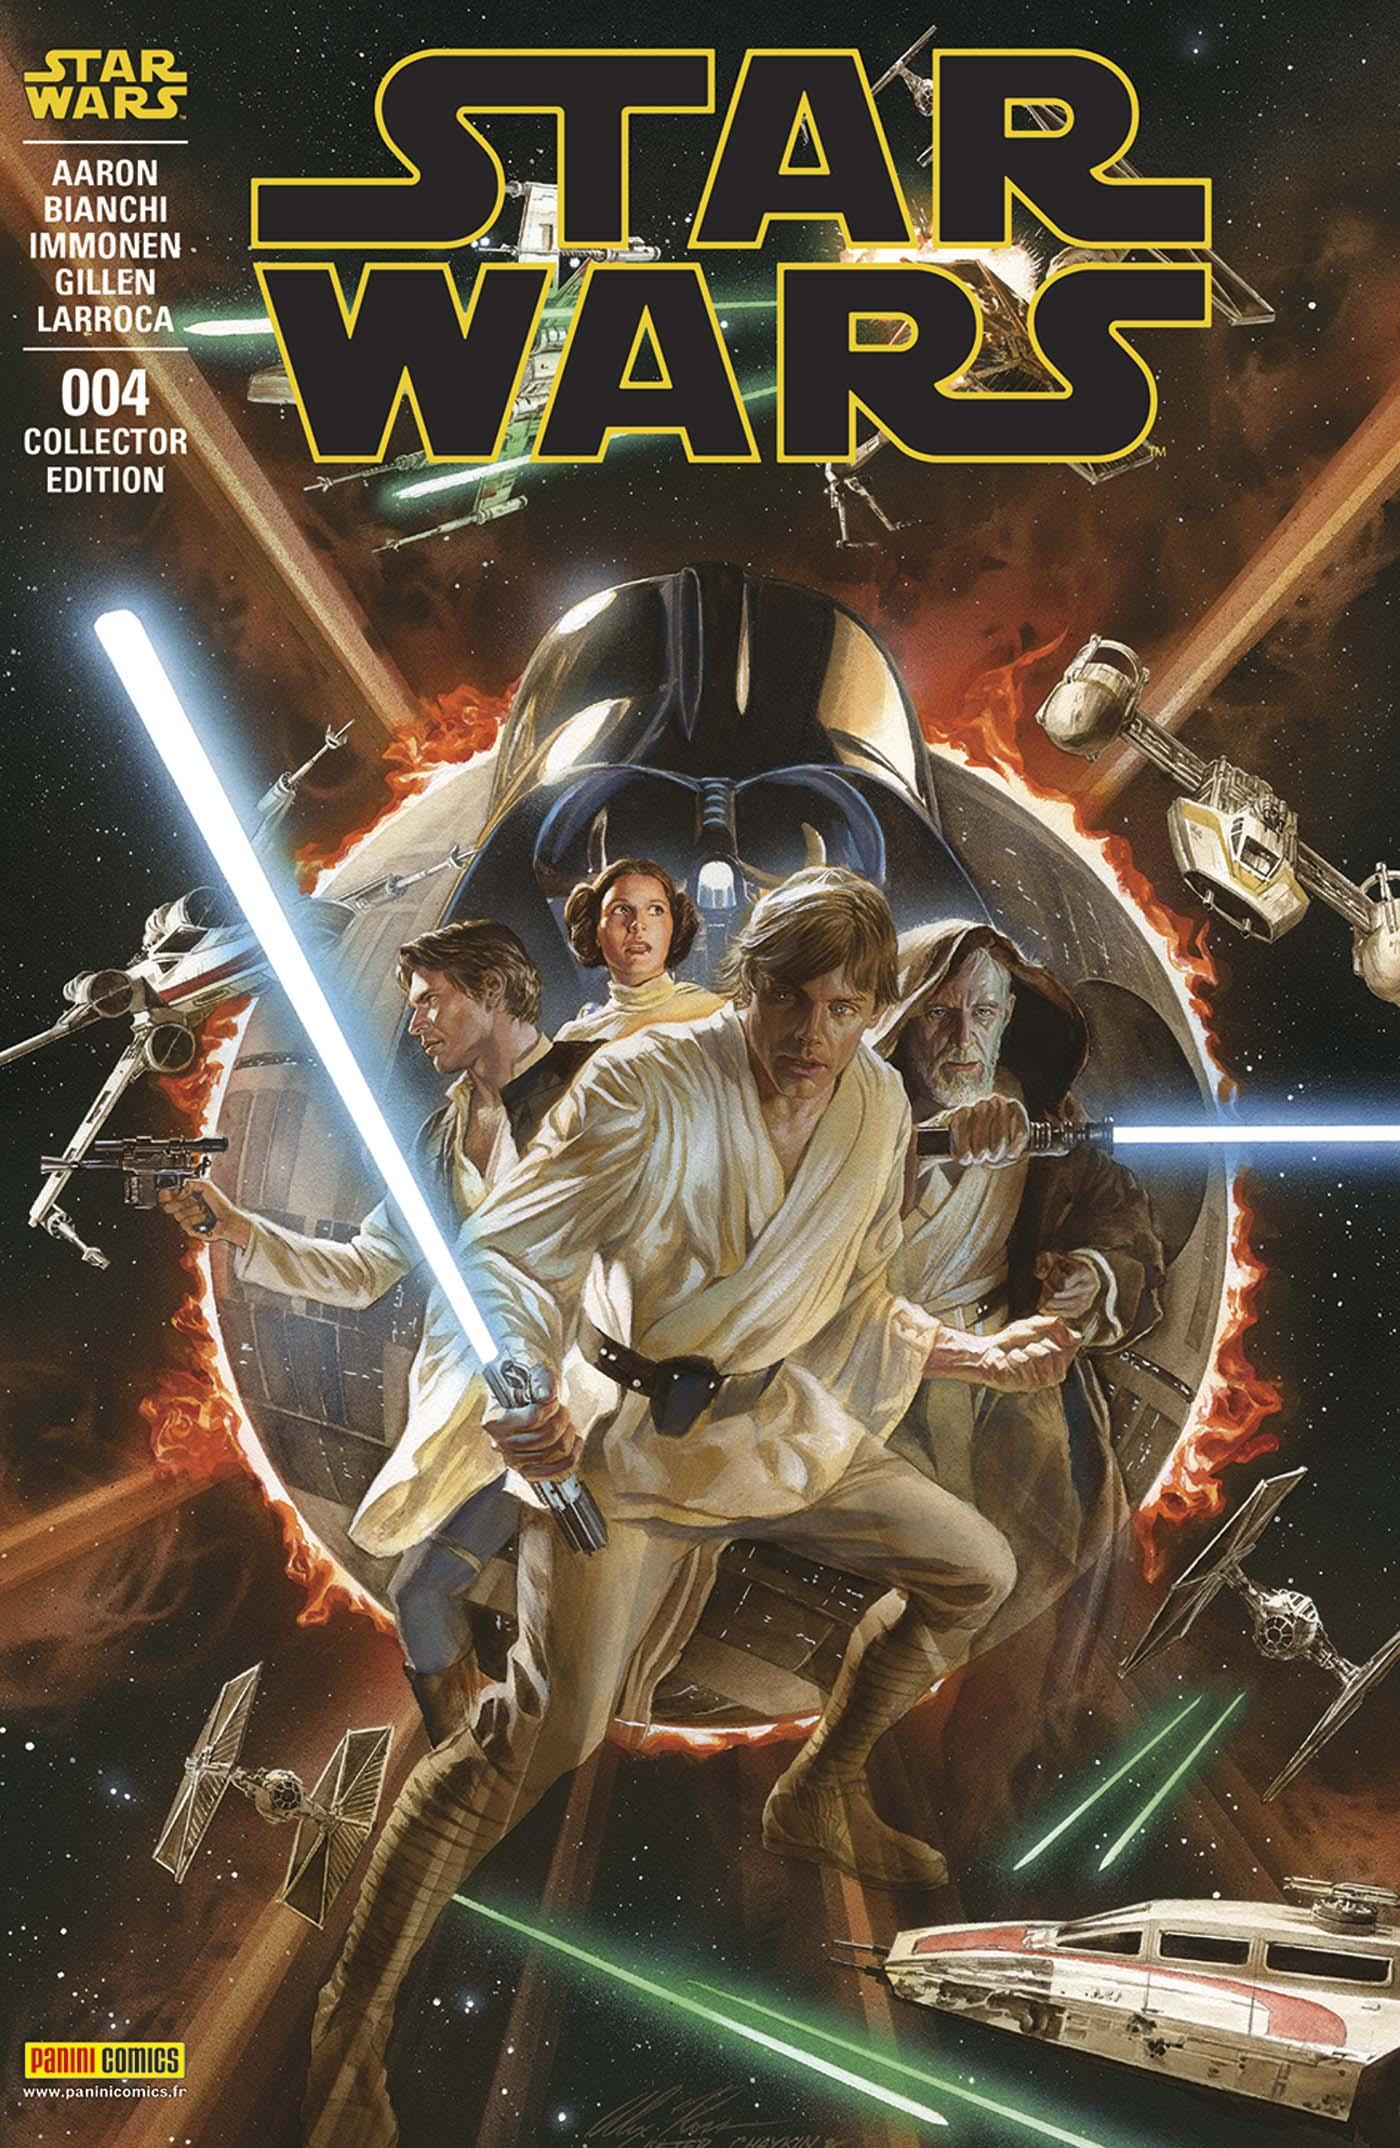 Star Wars 4 - Couverture collector : « coté lumineux de la Force » (Alex Ross – tirage limite a 1.500 exemplaires) + t-shirt M